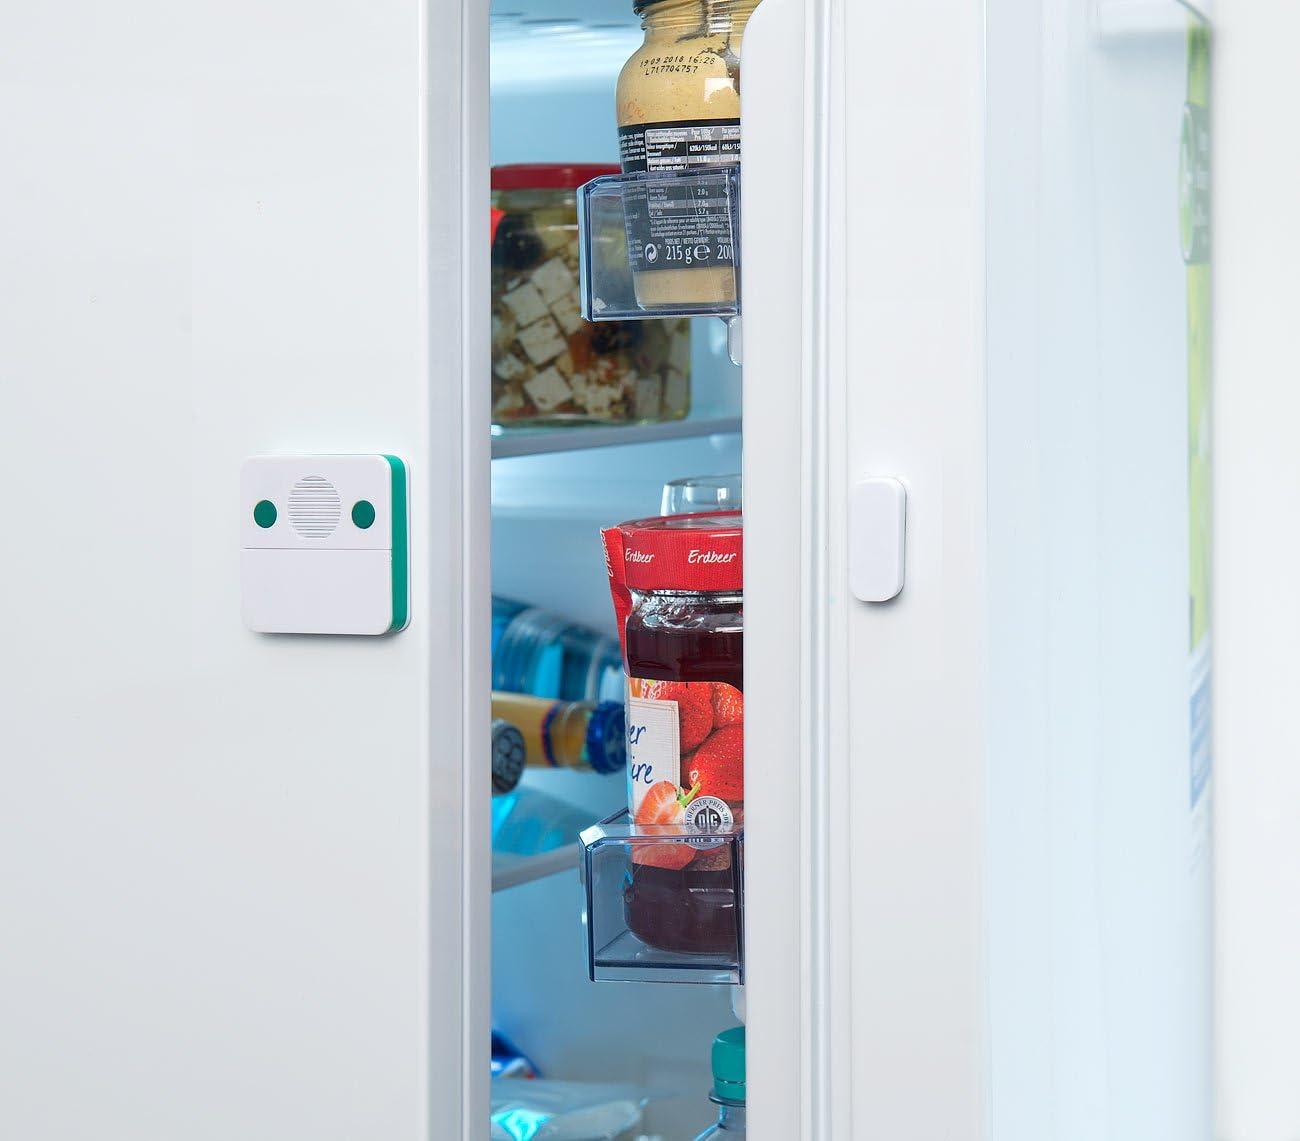 Kühlschrank schließt nicht mehr magnet